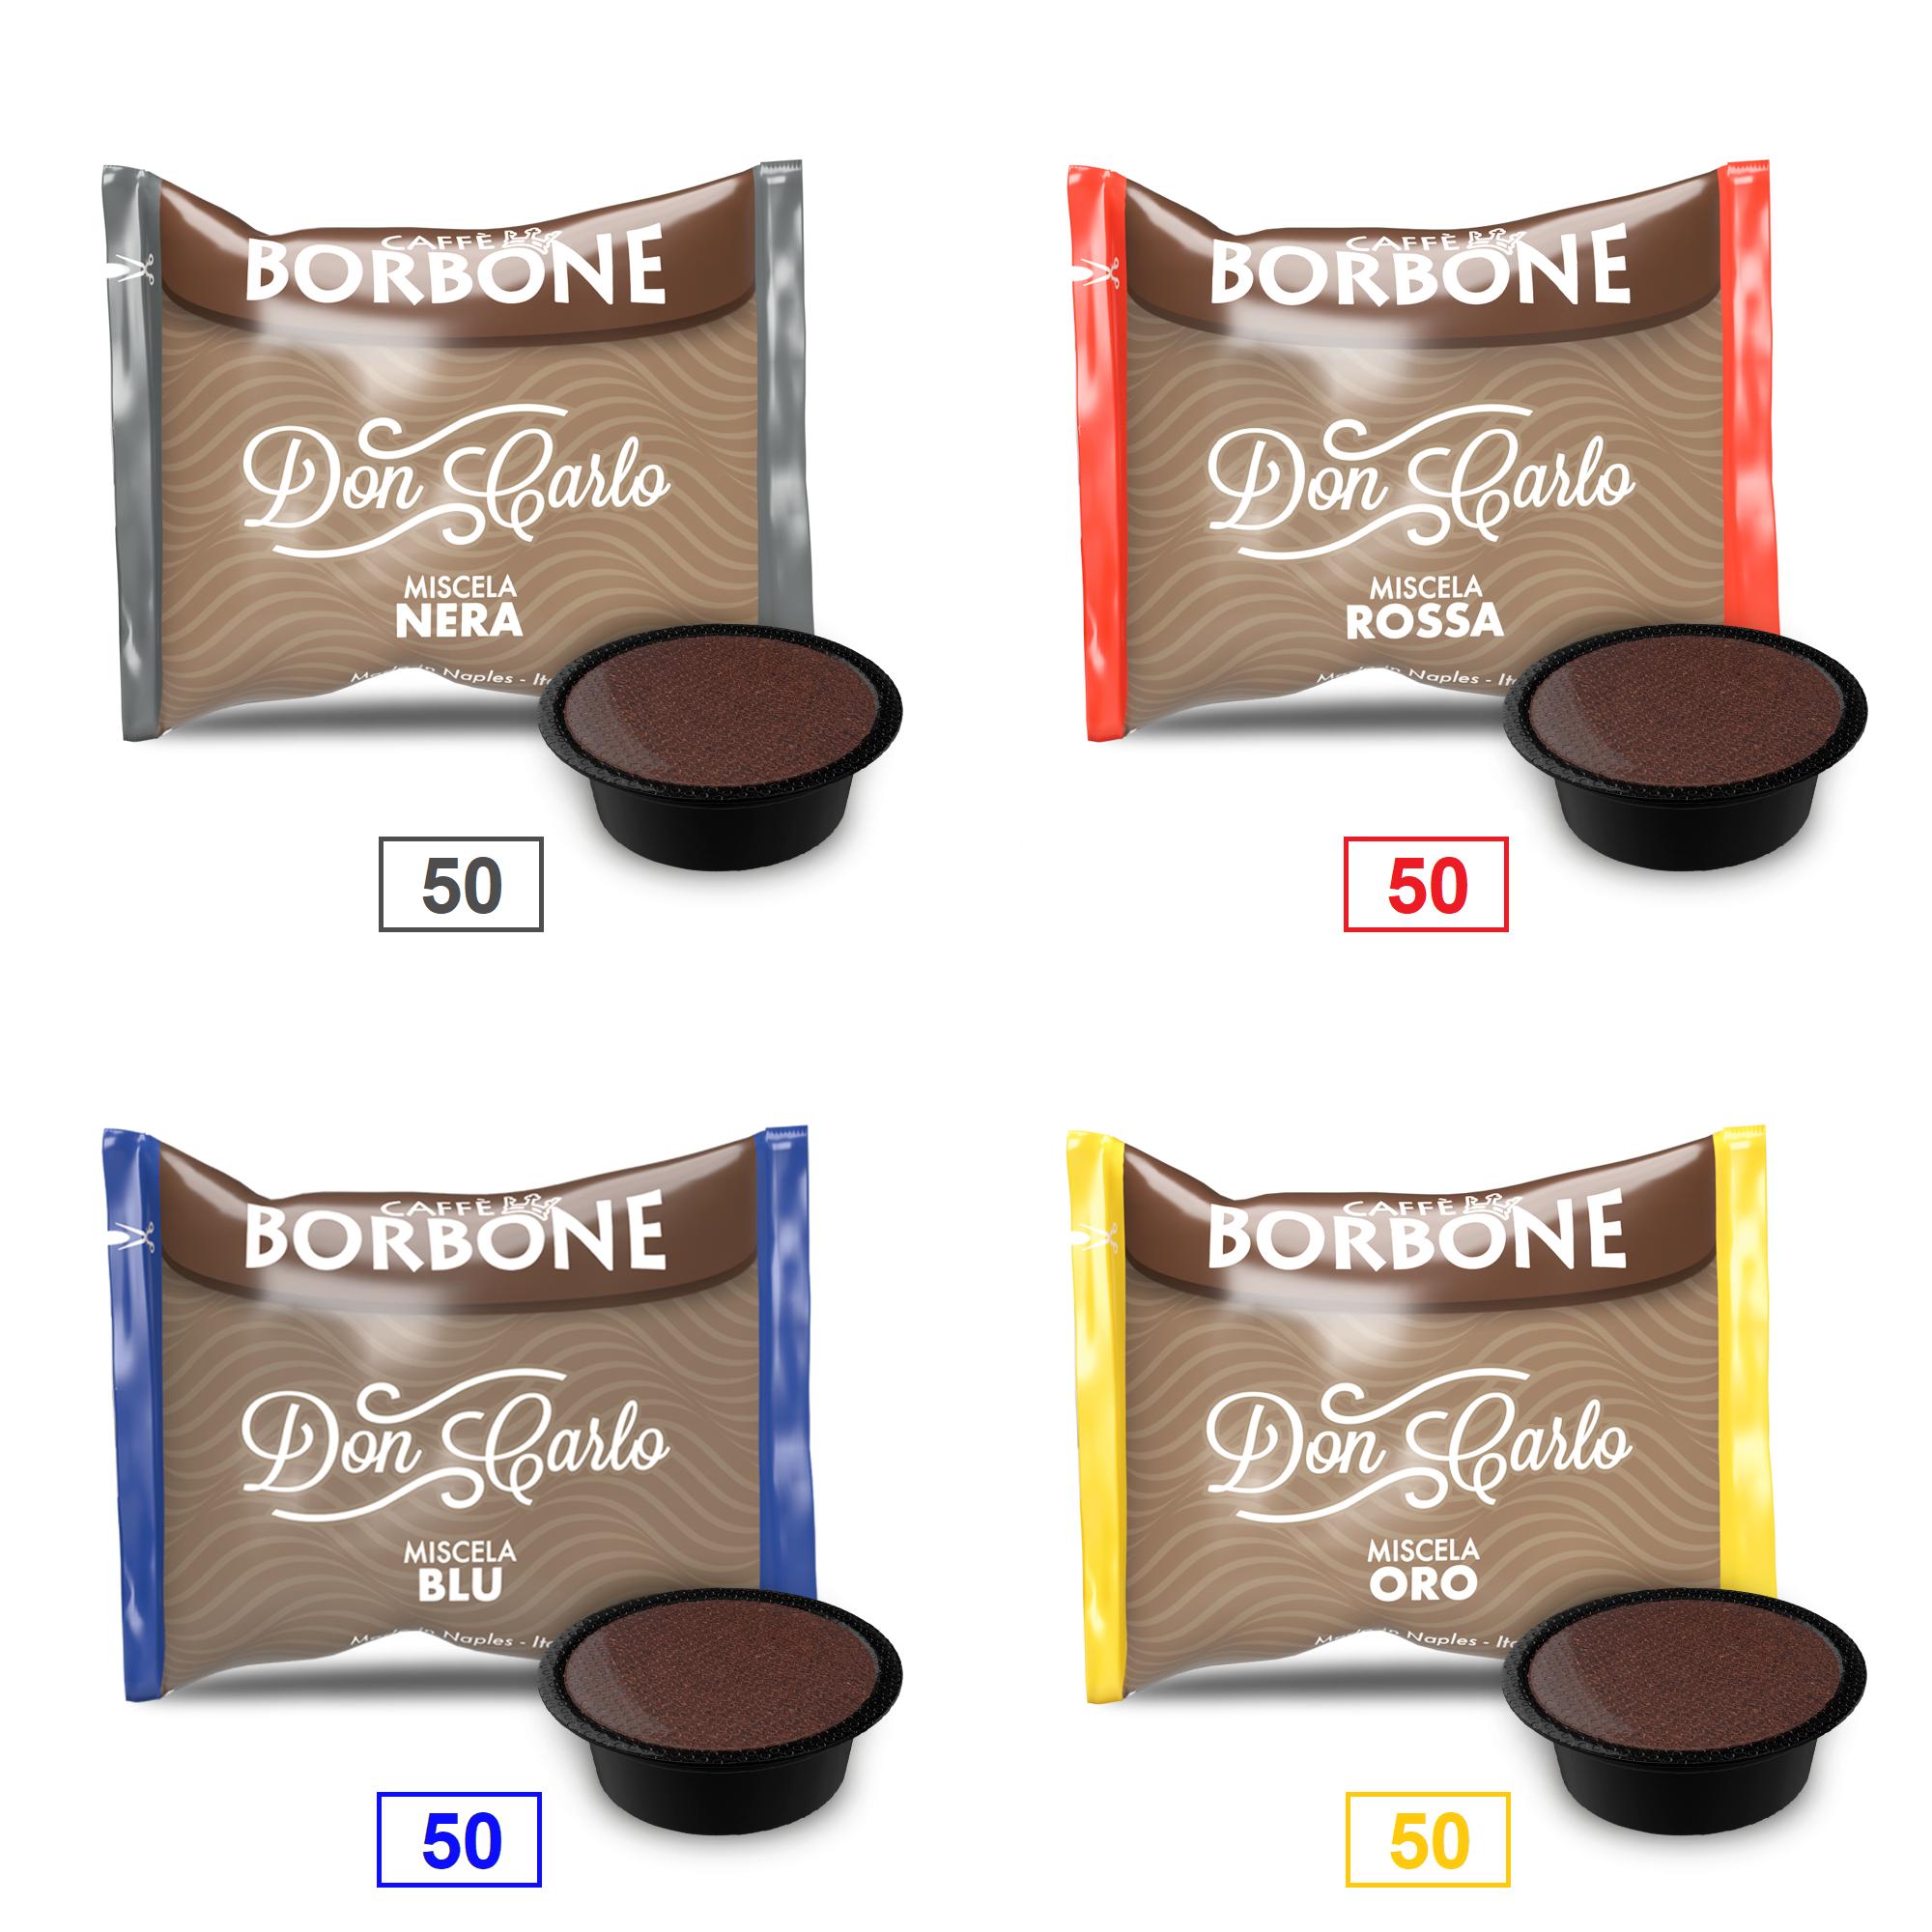 Caffè Borbone Mix 200 Capsule Don Carlo - 50 Miscela Nera - 50 Miscela Rossa - 50 Miscela Blu - 50 Miscela Oro - Compatibili A Modo Mio